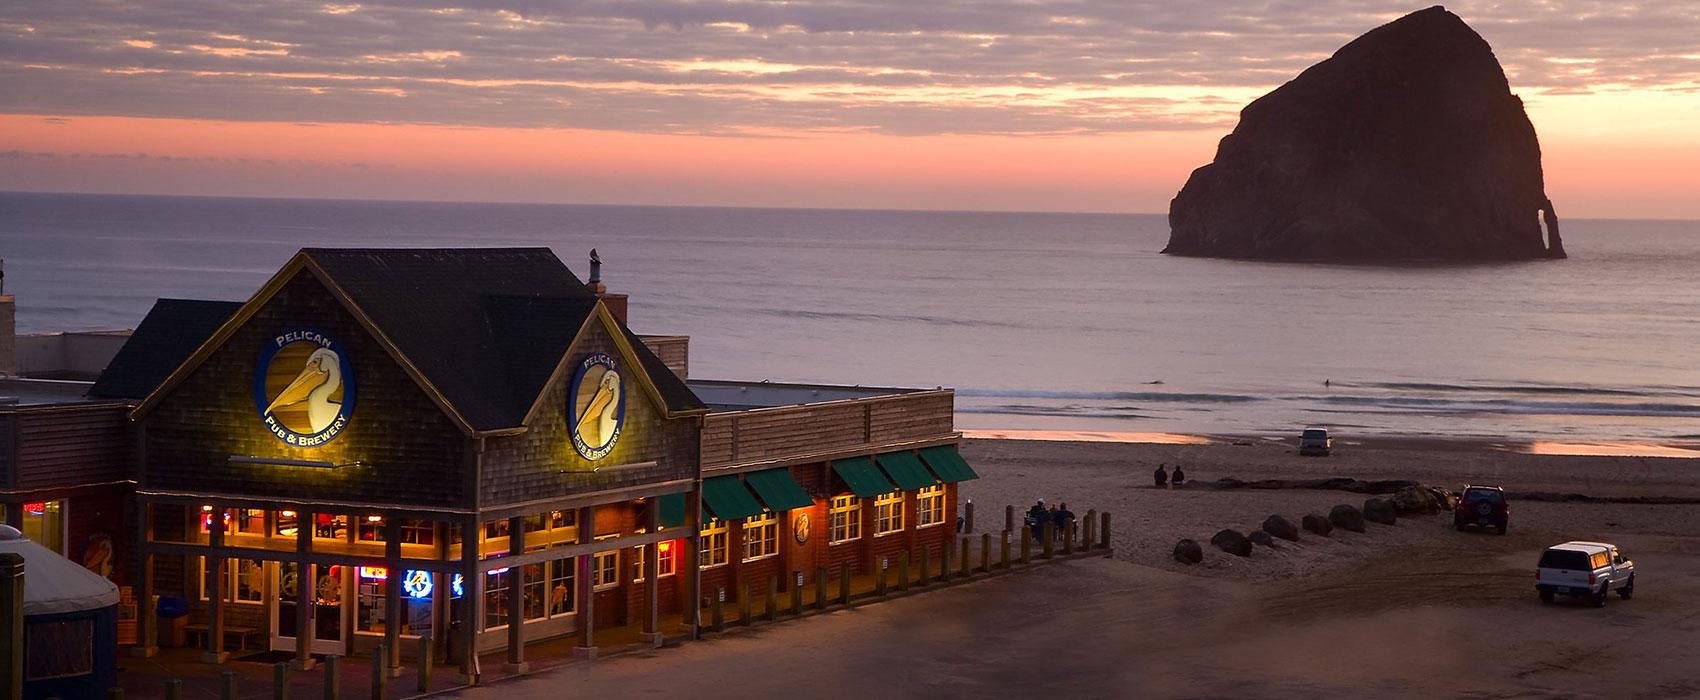 The Pelican Pub...Heaven